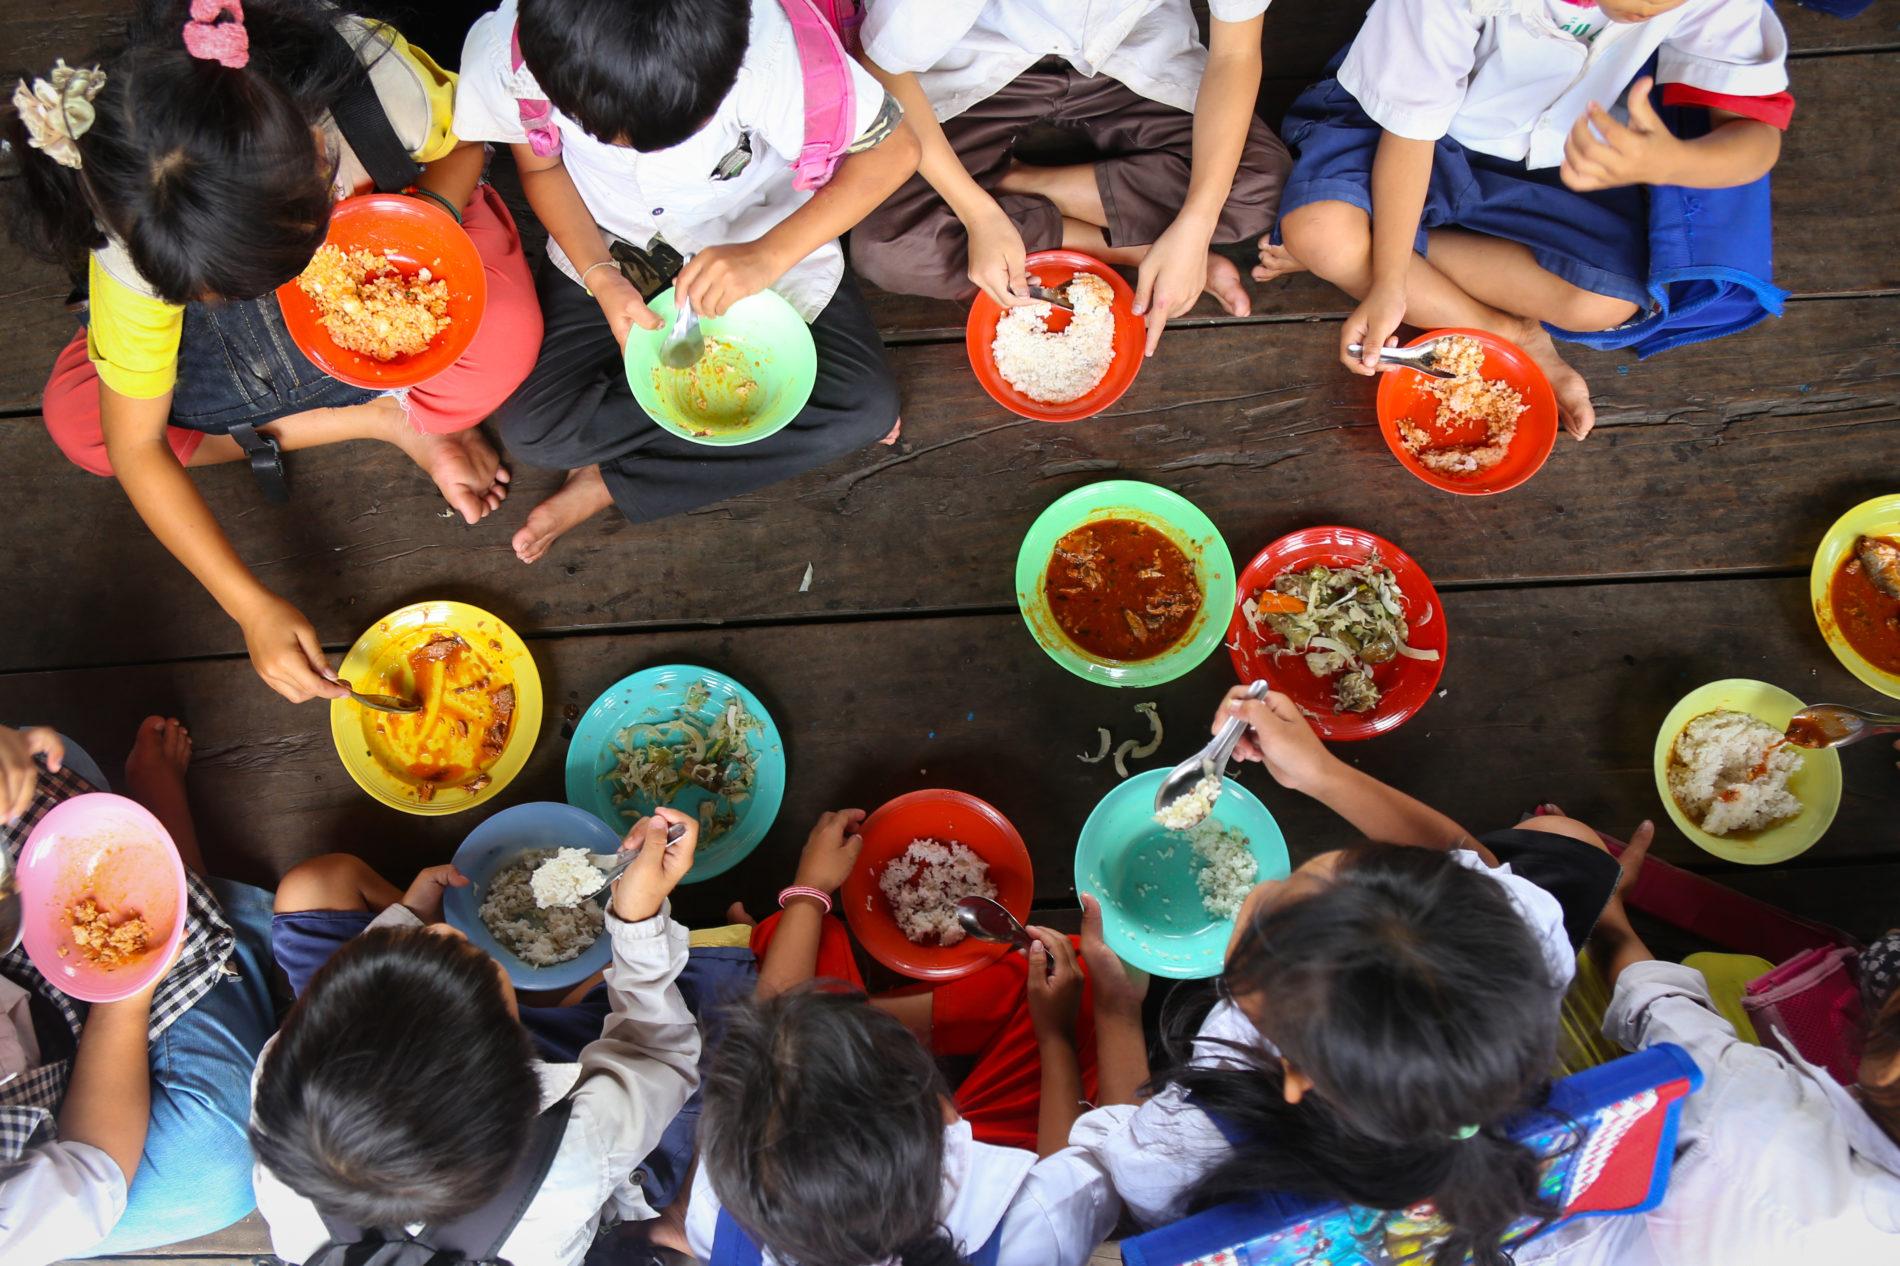 Herbalife Nutrition destina US$ 2 millones para ayudar en la lucha contra el hambre mundial